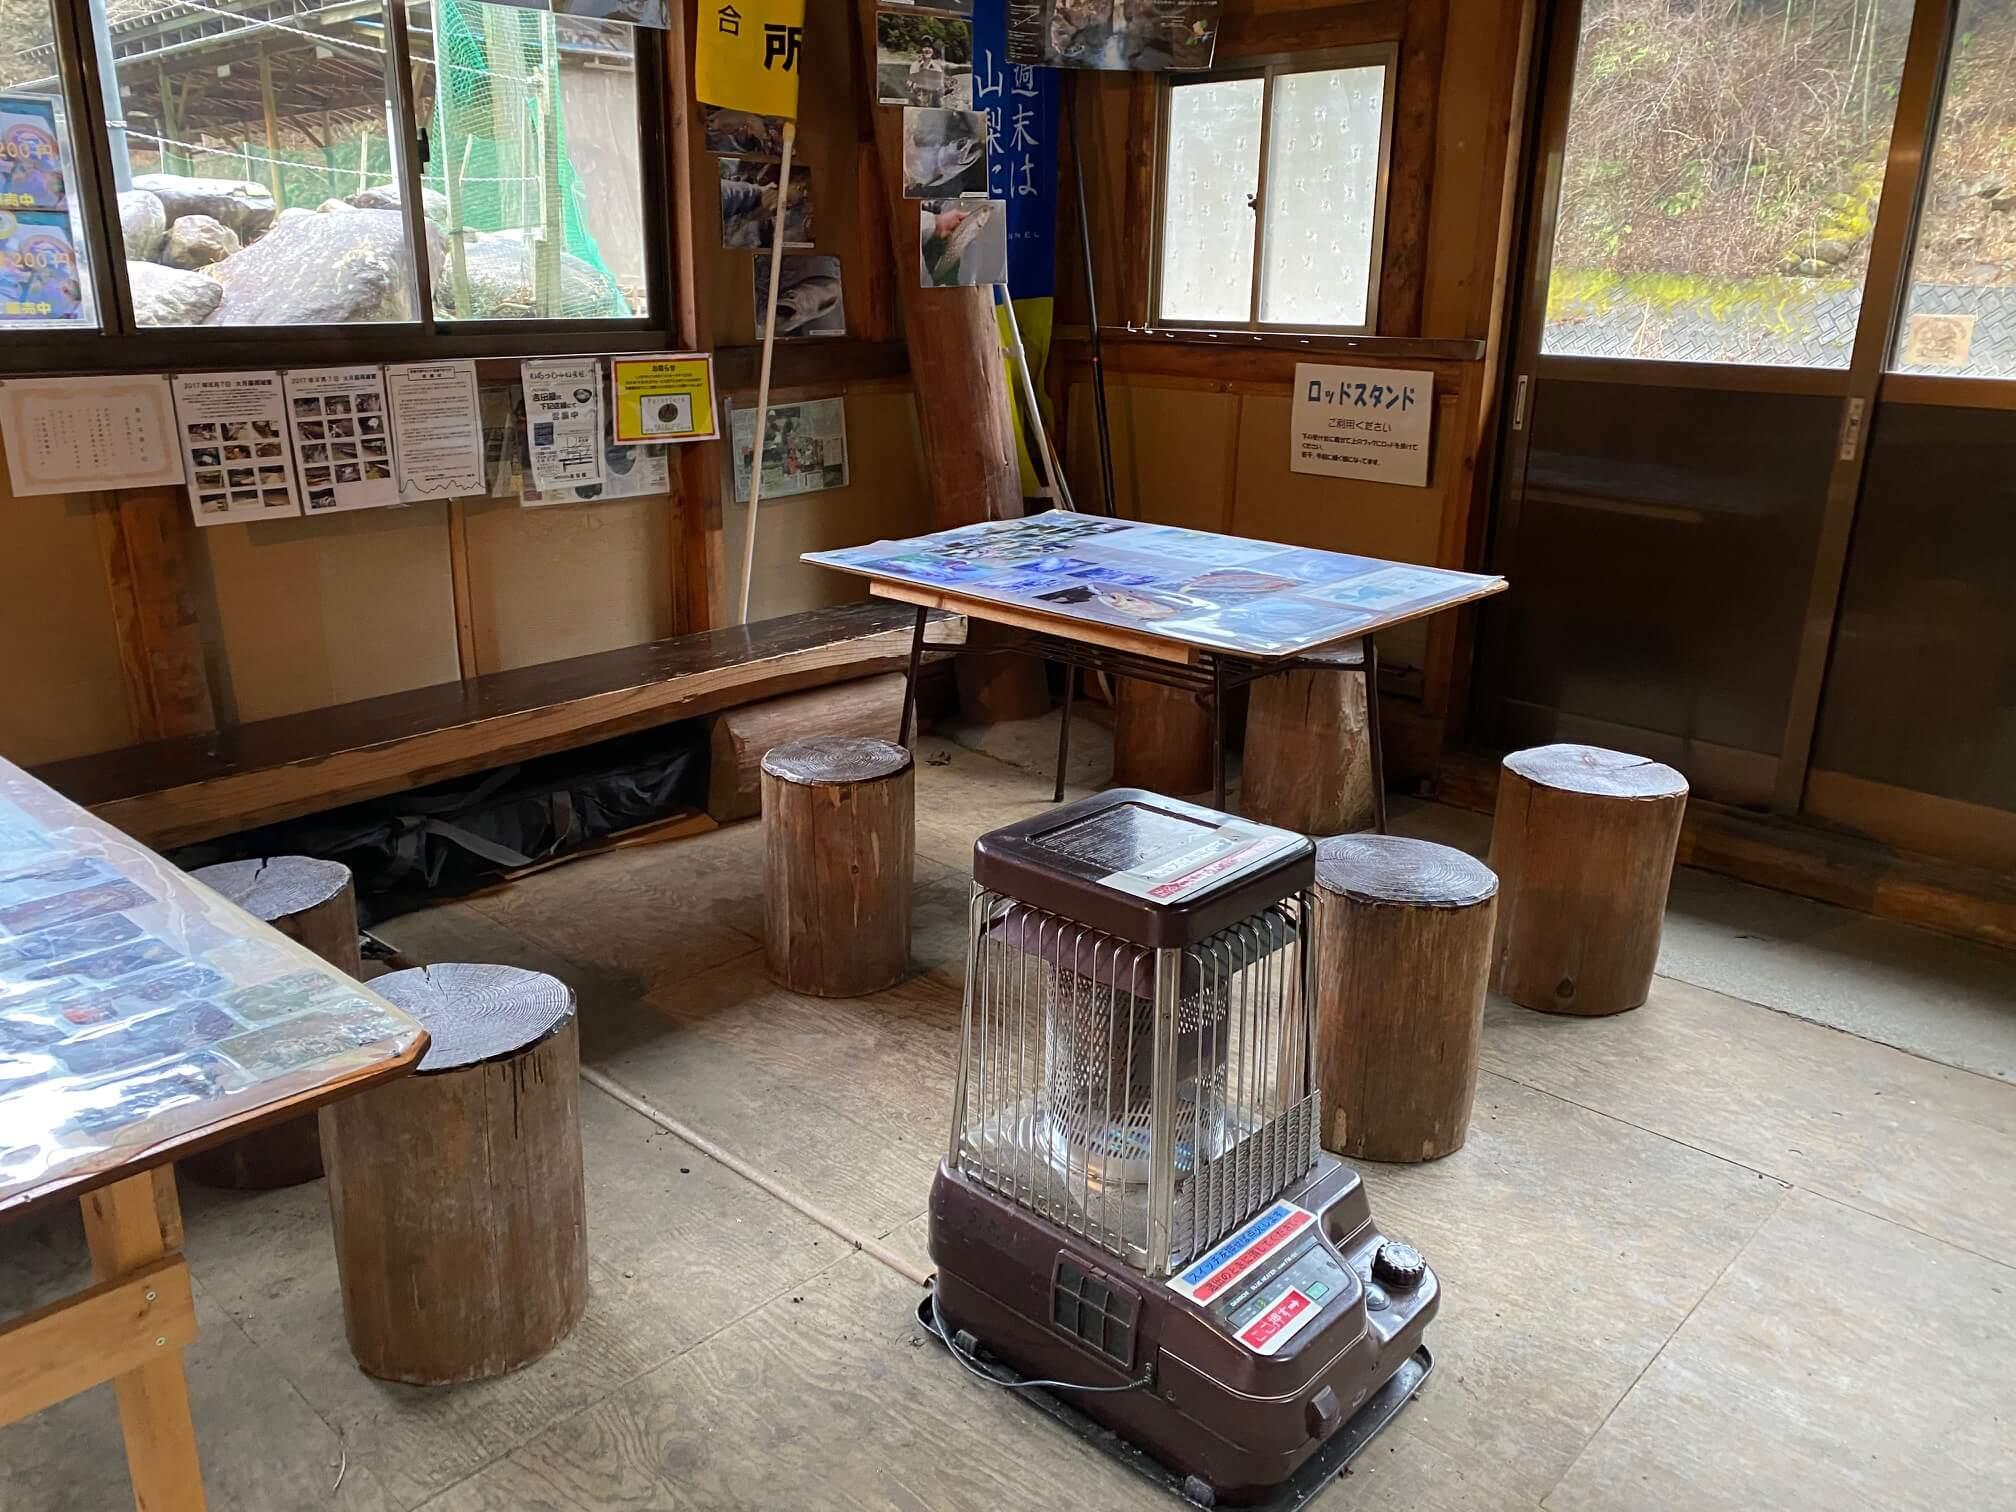 奈良子の休憩小屋の中